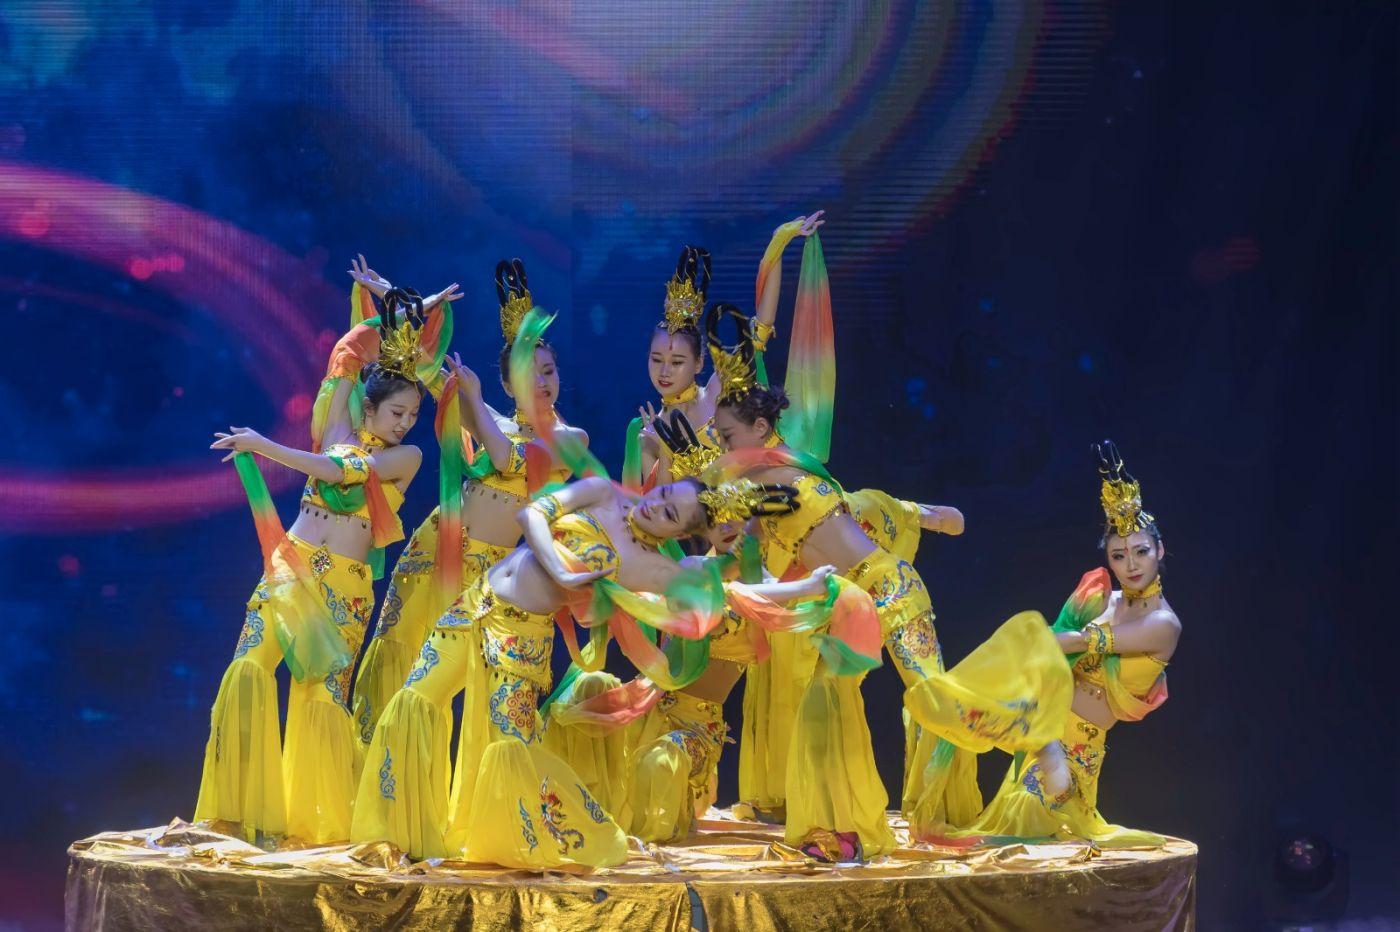 沂蒙大地上 有一种舞蹈叫飞天 这是几位临沂女孩的杰作 美轮美奂 ..._图1-40